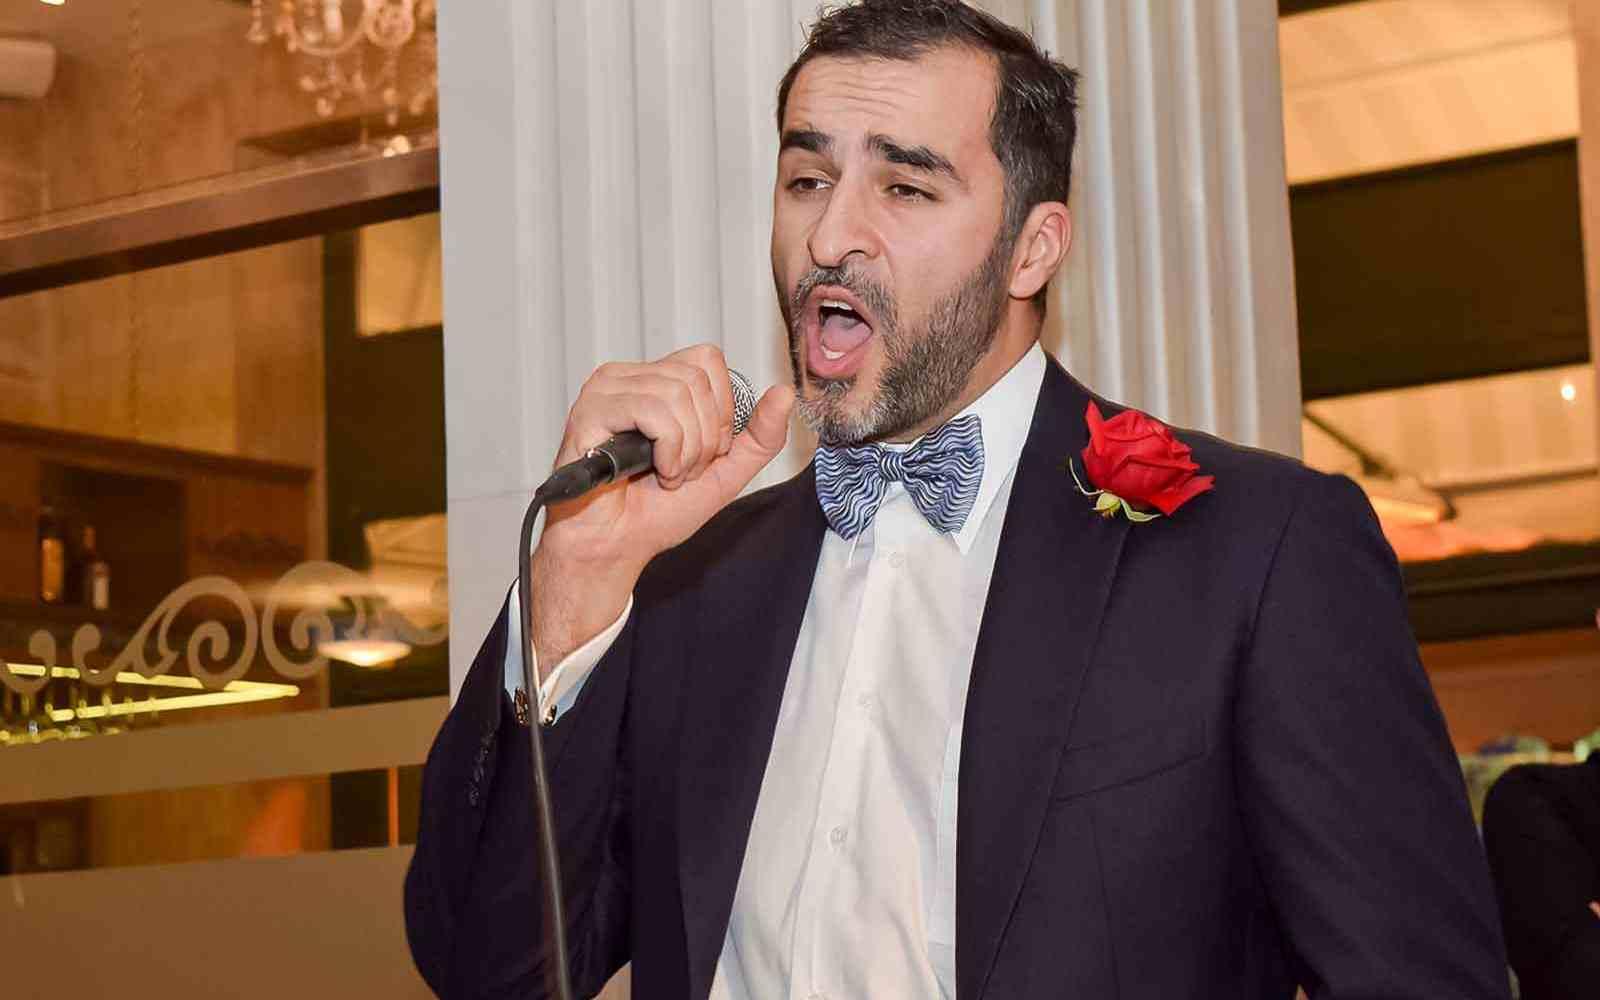 Νικόλας-Καραγκιαούρης-τραγουδαει-οπερα-στην-εγυπα